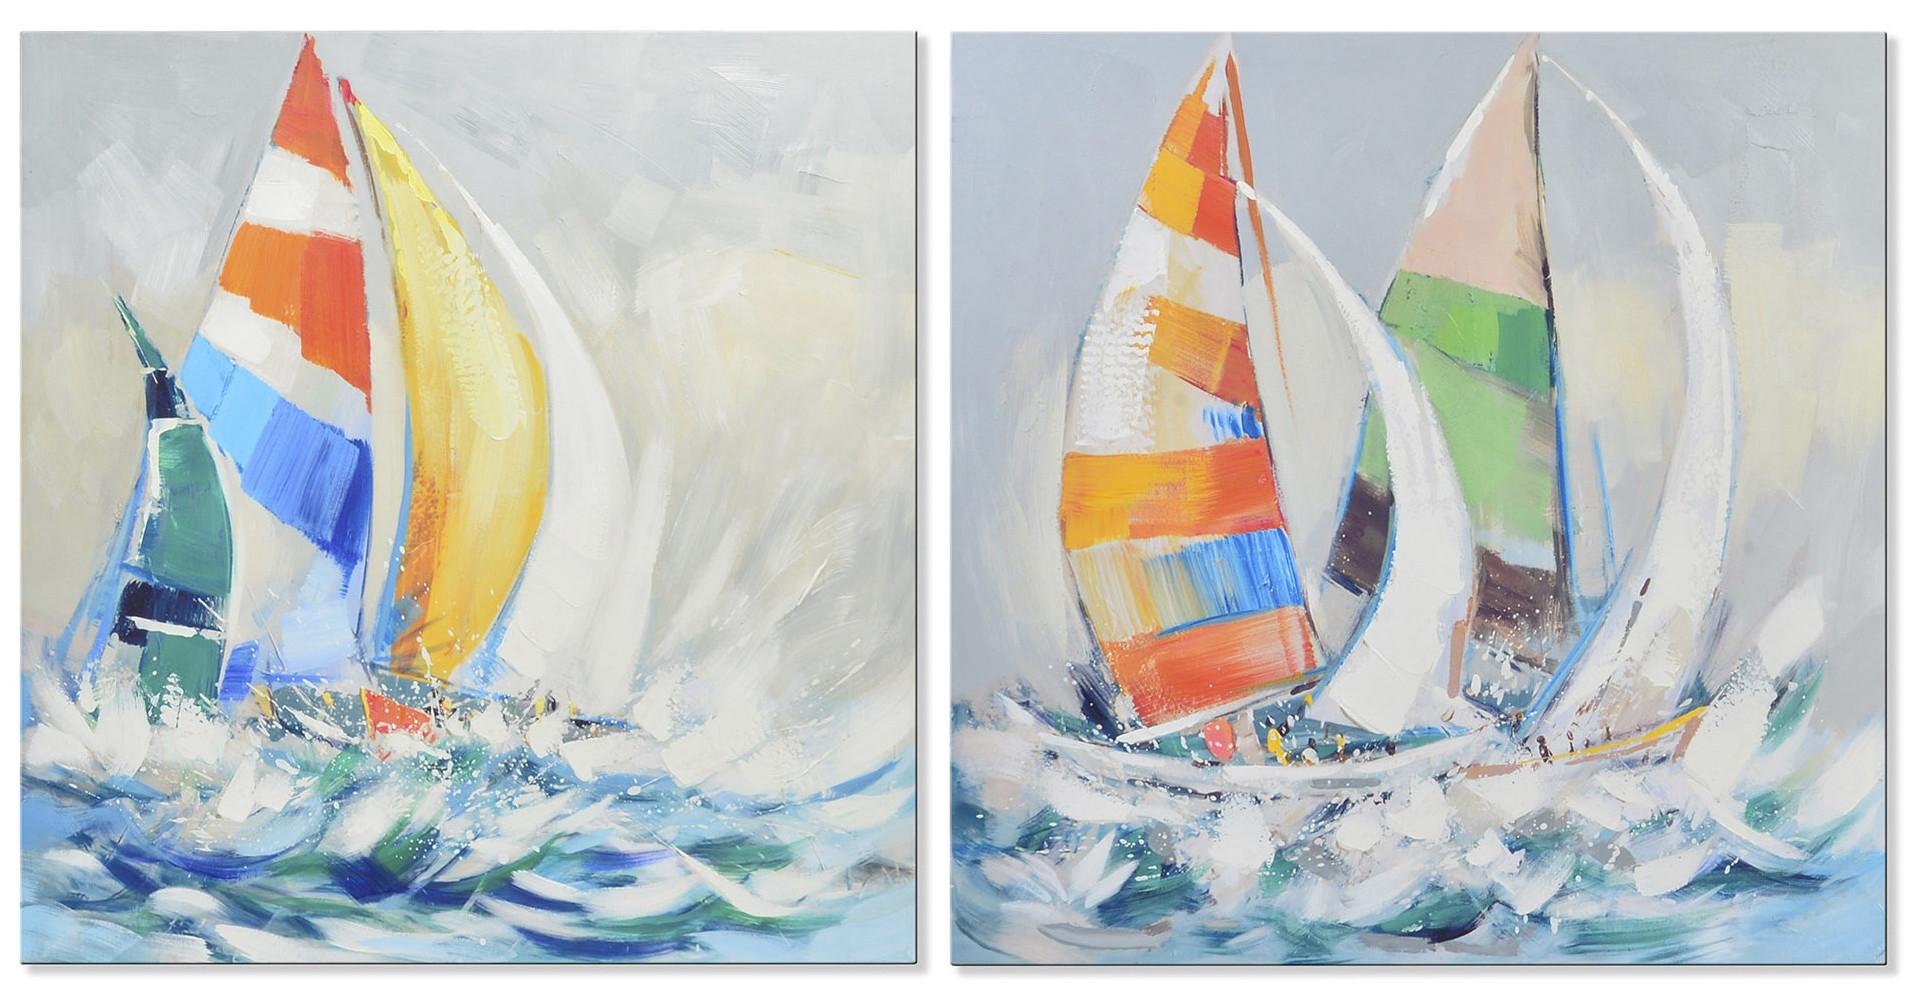 Cuadro decorativo de lienzo con dibujo de un barco de vela - Hogar y más